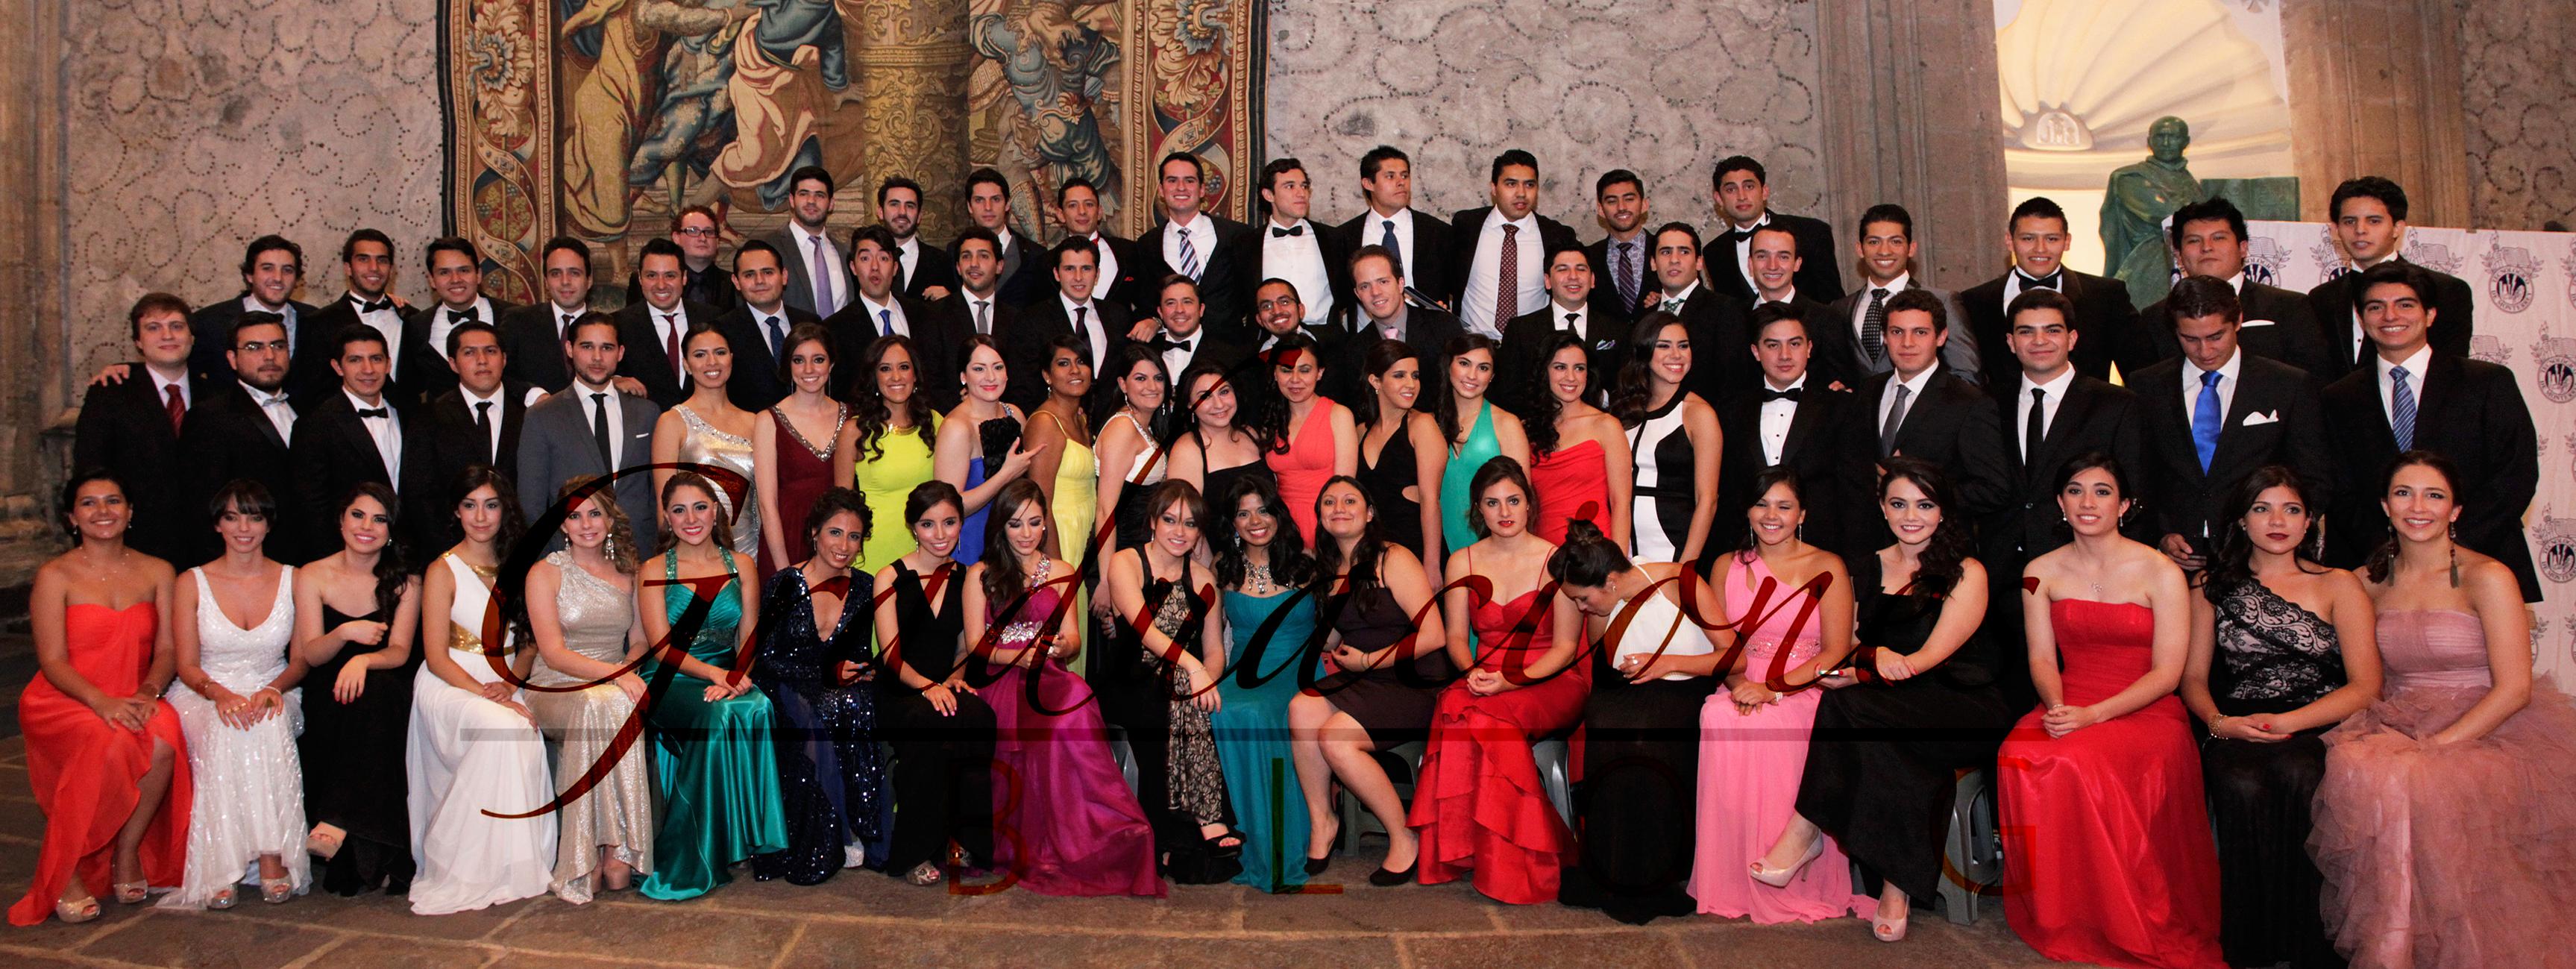 Graduación Tec. de Monterrey (ITESM) Vizcaínas 17 de mayo 2014